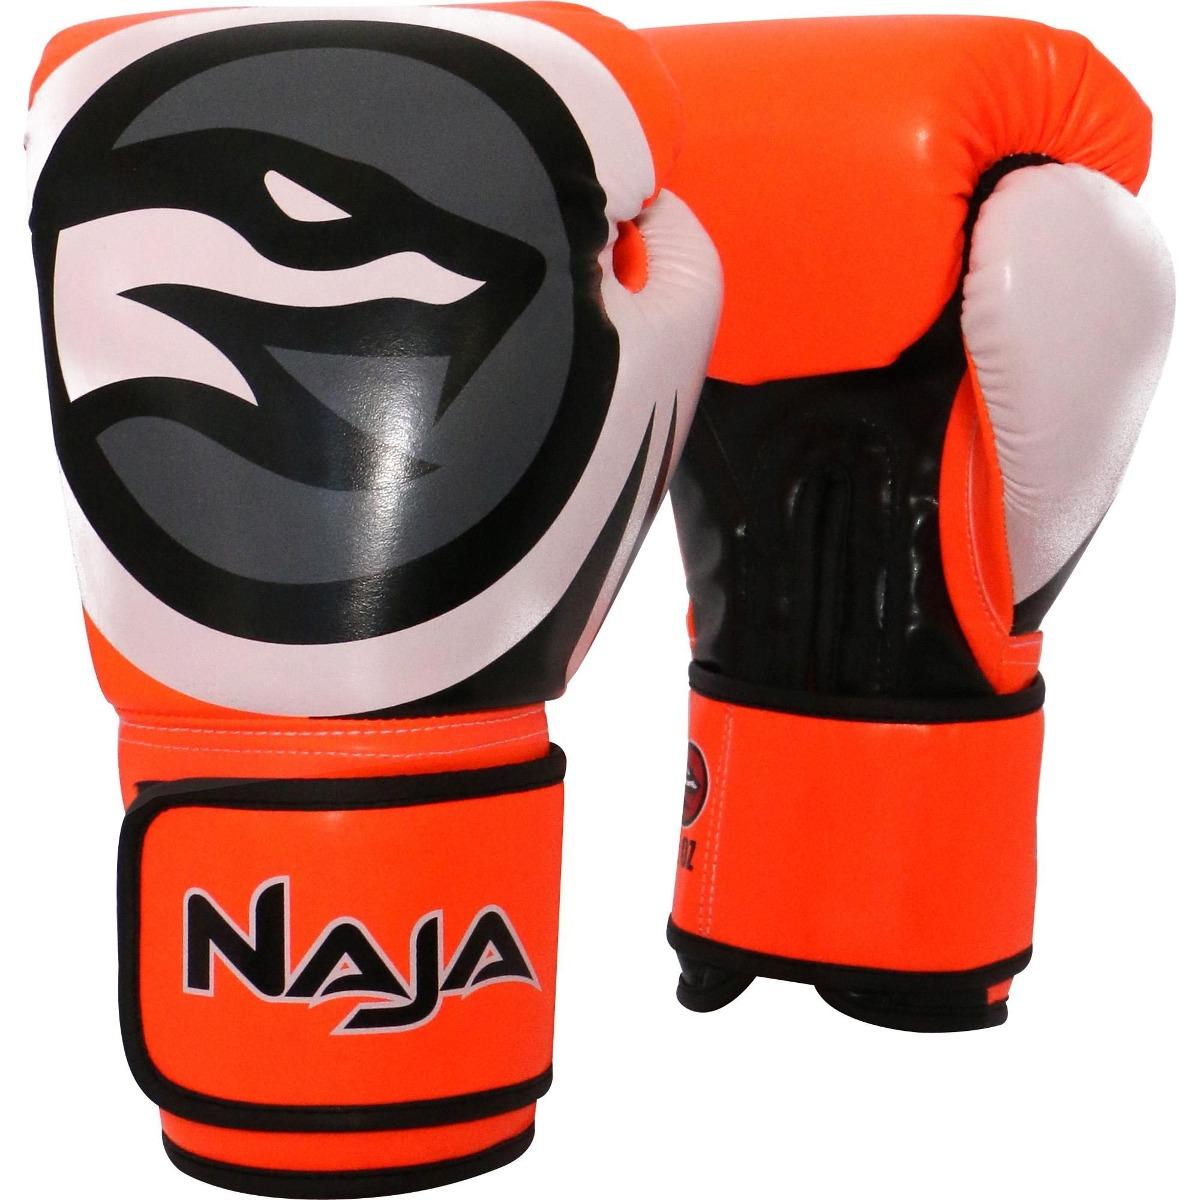 c684cb0f3 Luvas De Boxe Muay Thai Colors Fluor 12 Oz Laranja Naja - R  83